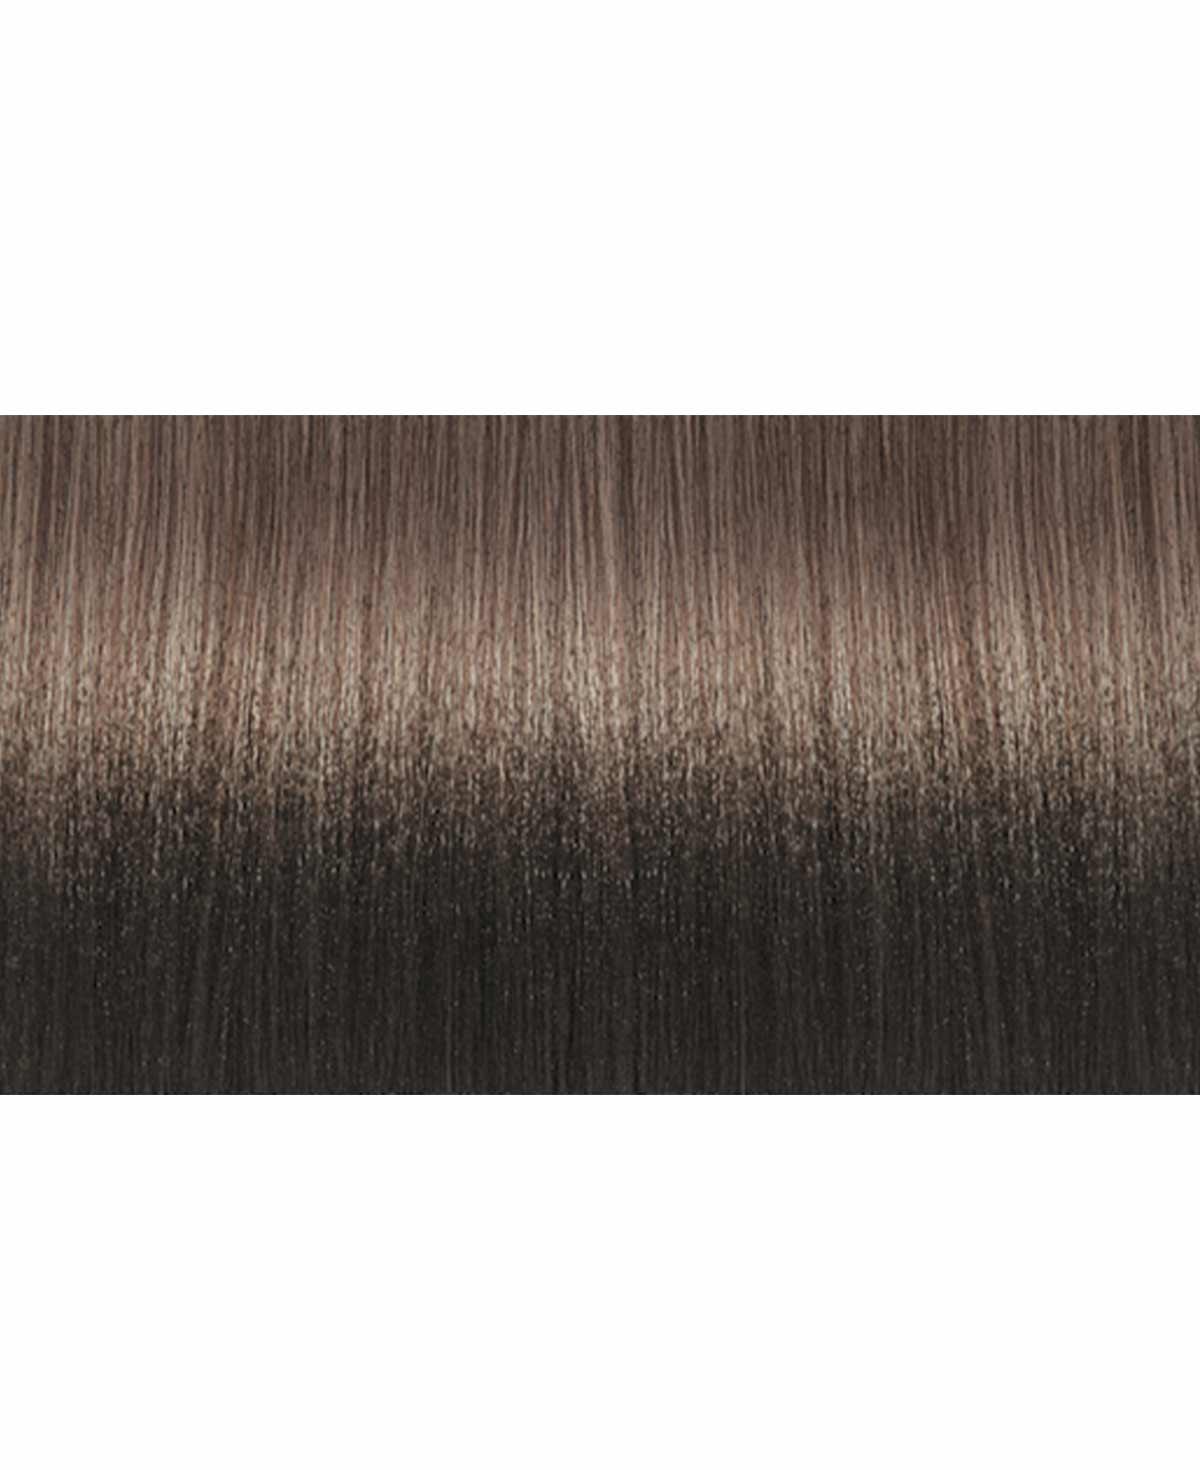 Joico A7 Dark Ash Blonde Vero Chrome 60ml